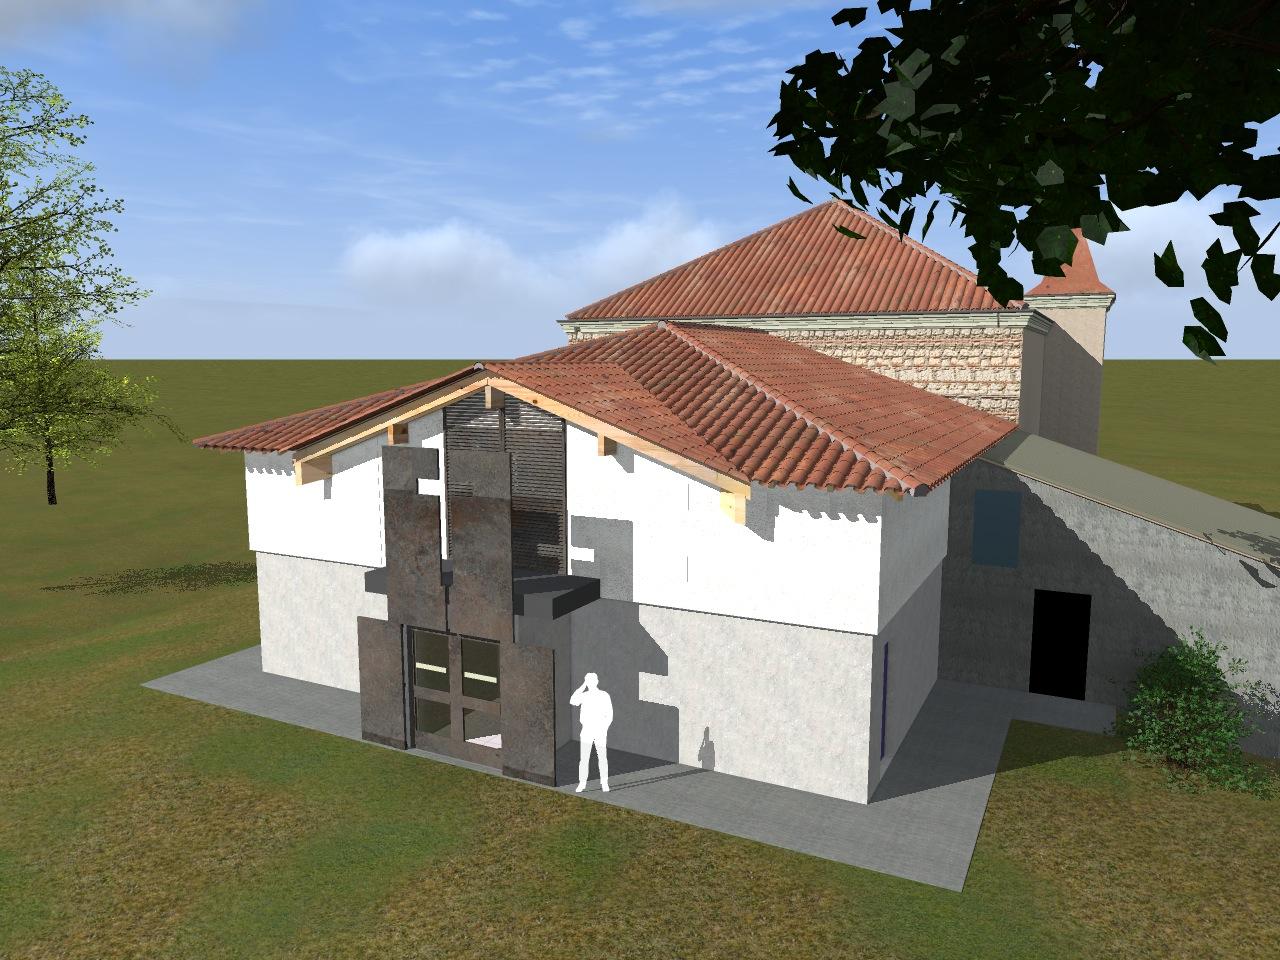 Projet de construction 2015 2016 eglise m thodiste agen for Projet de construction